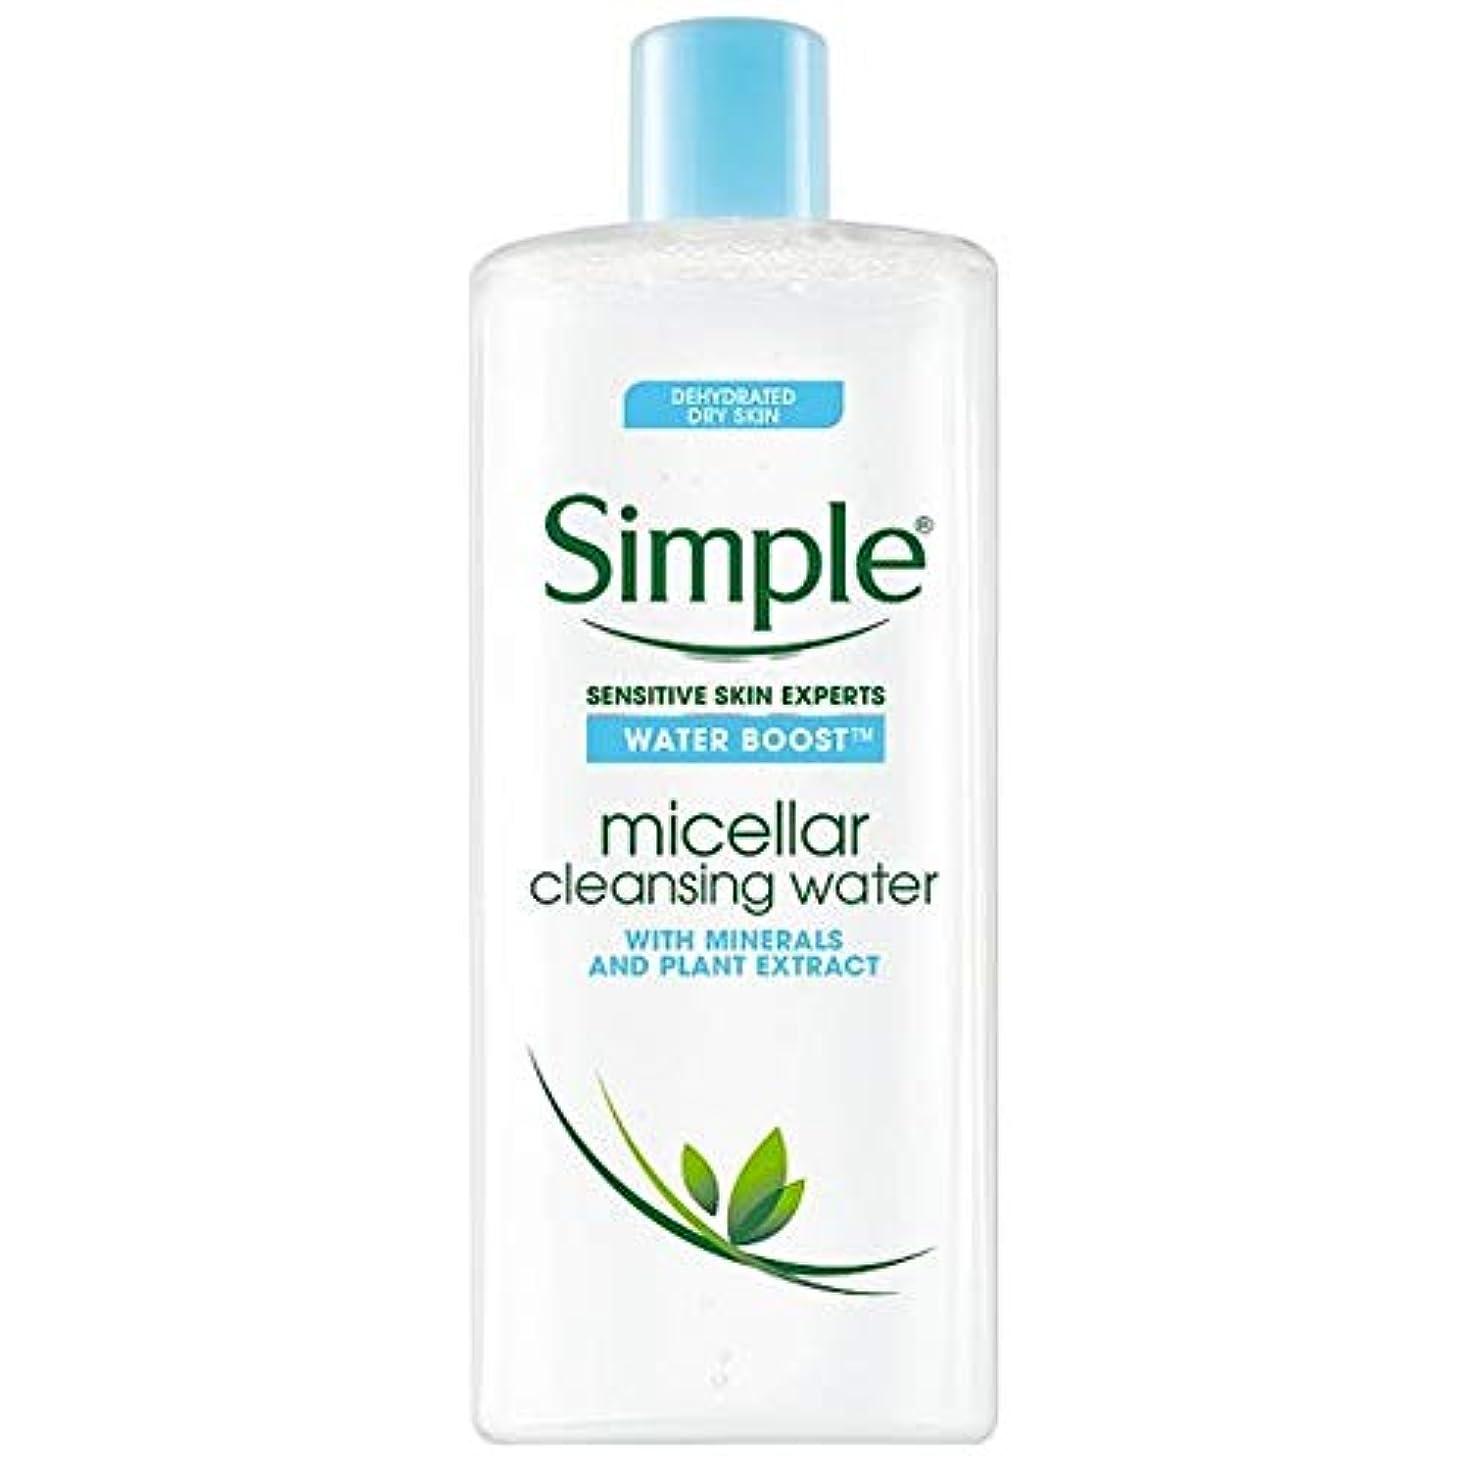 合理化豊富な消去[Simple] シンプルな水ブーストミセル洗浄水400ミリリットル - Simple Water Boost Micellar Cleansing Water 400Ml [並行輸入品]